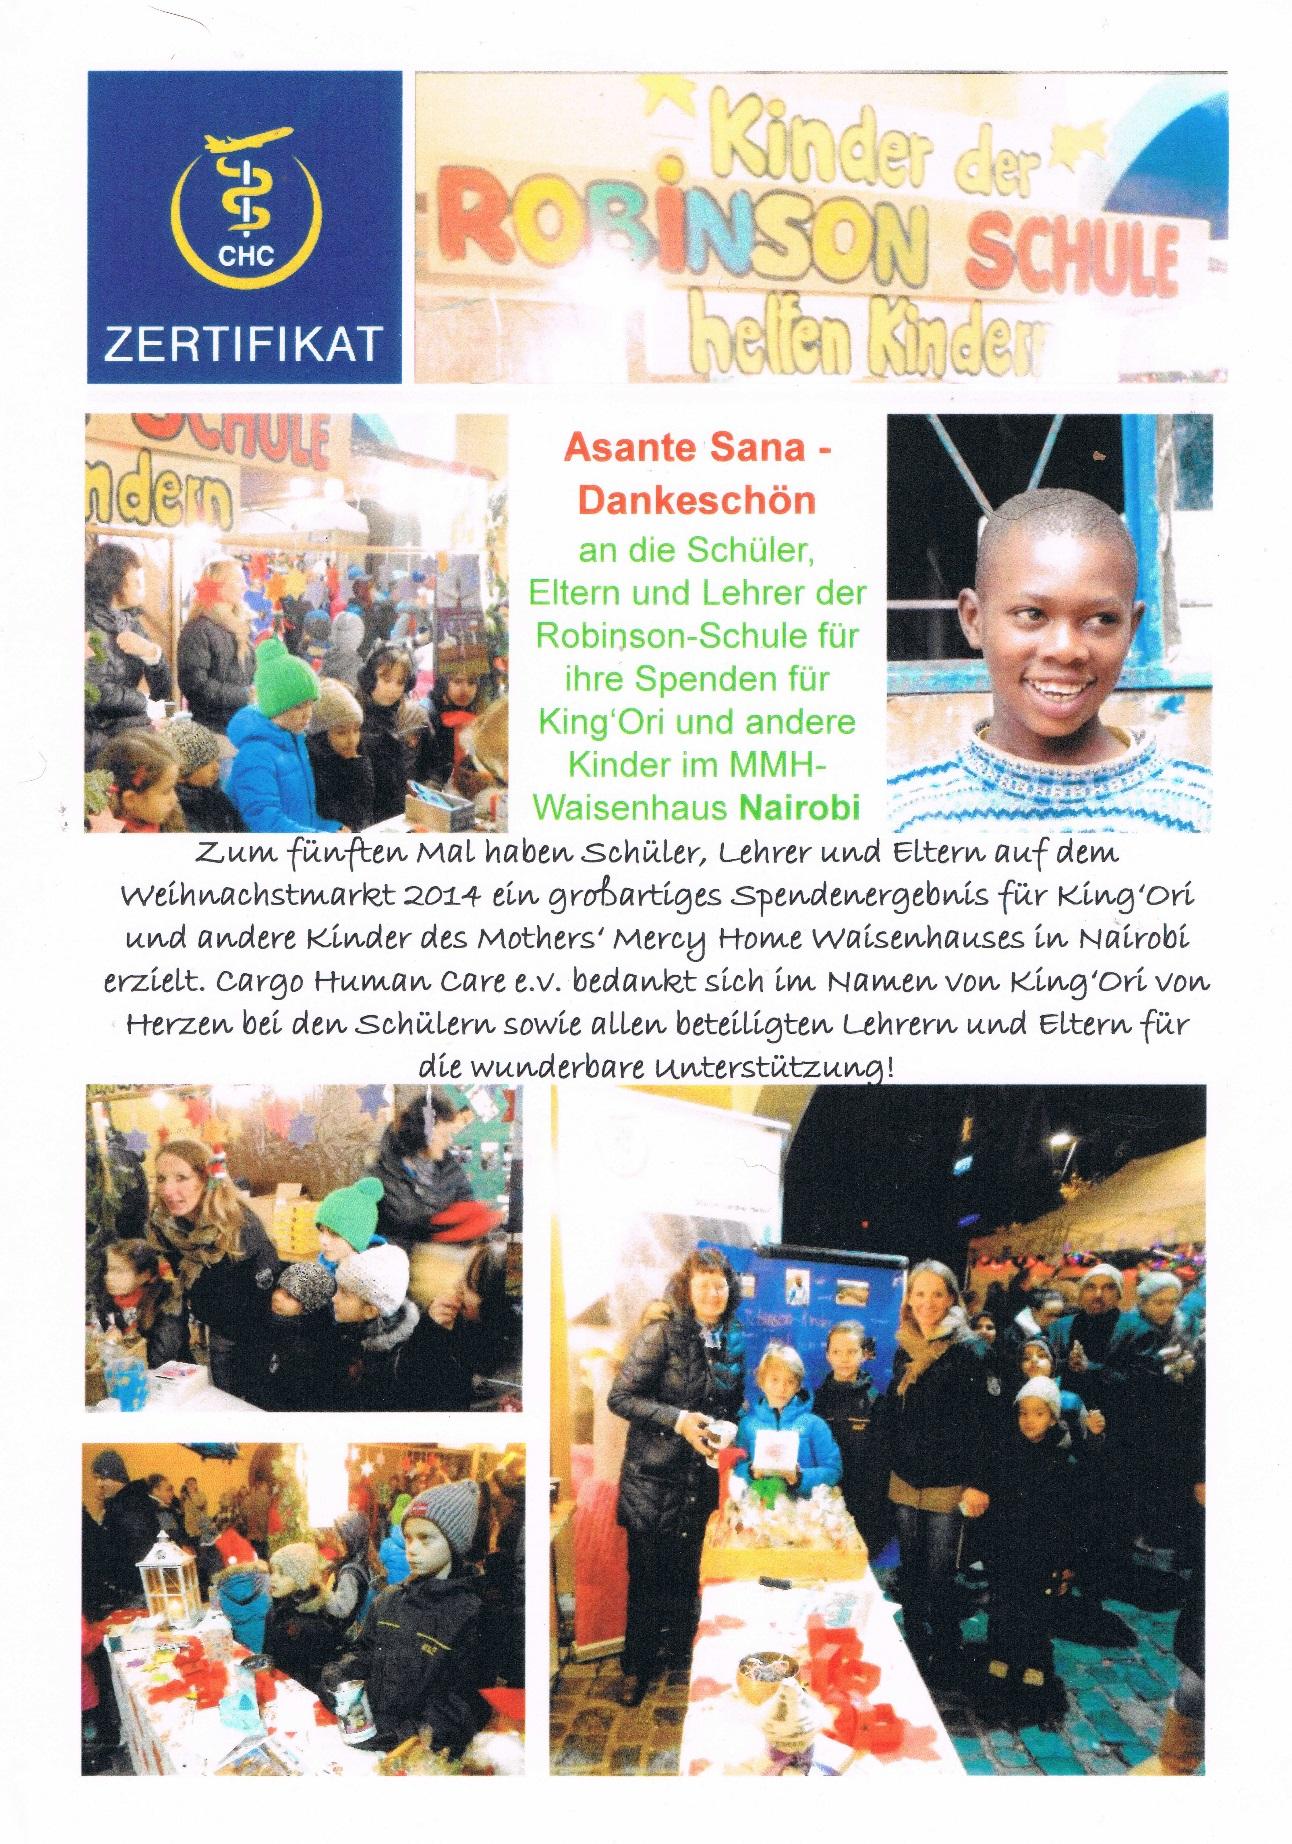 http://robinson.hattersheim.schule.hessen.de/schulgemeinde/die_schule/Patenschaft_King_Ori/Patenschaft_Kin_Gori.jpg